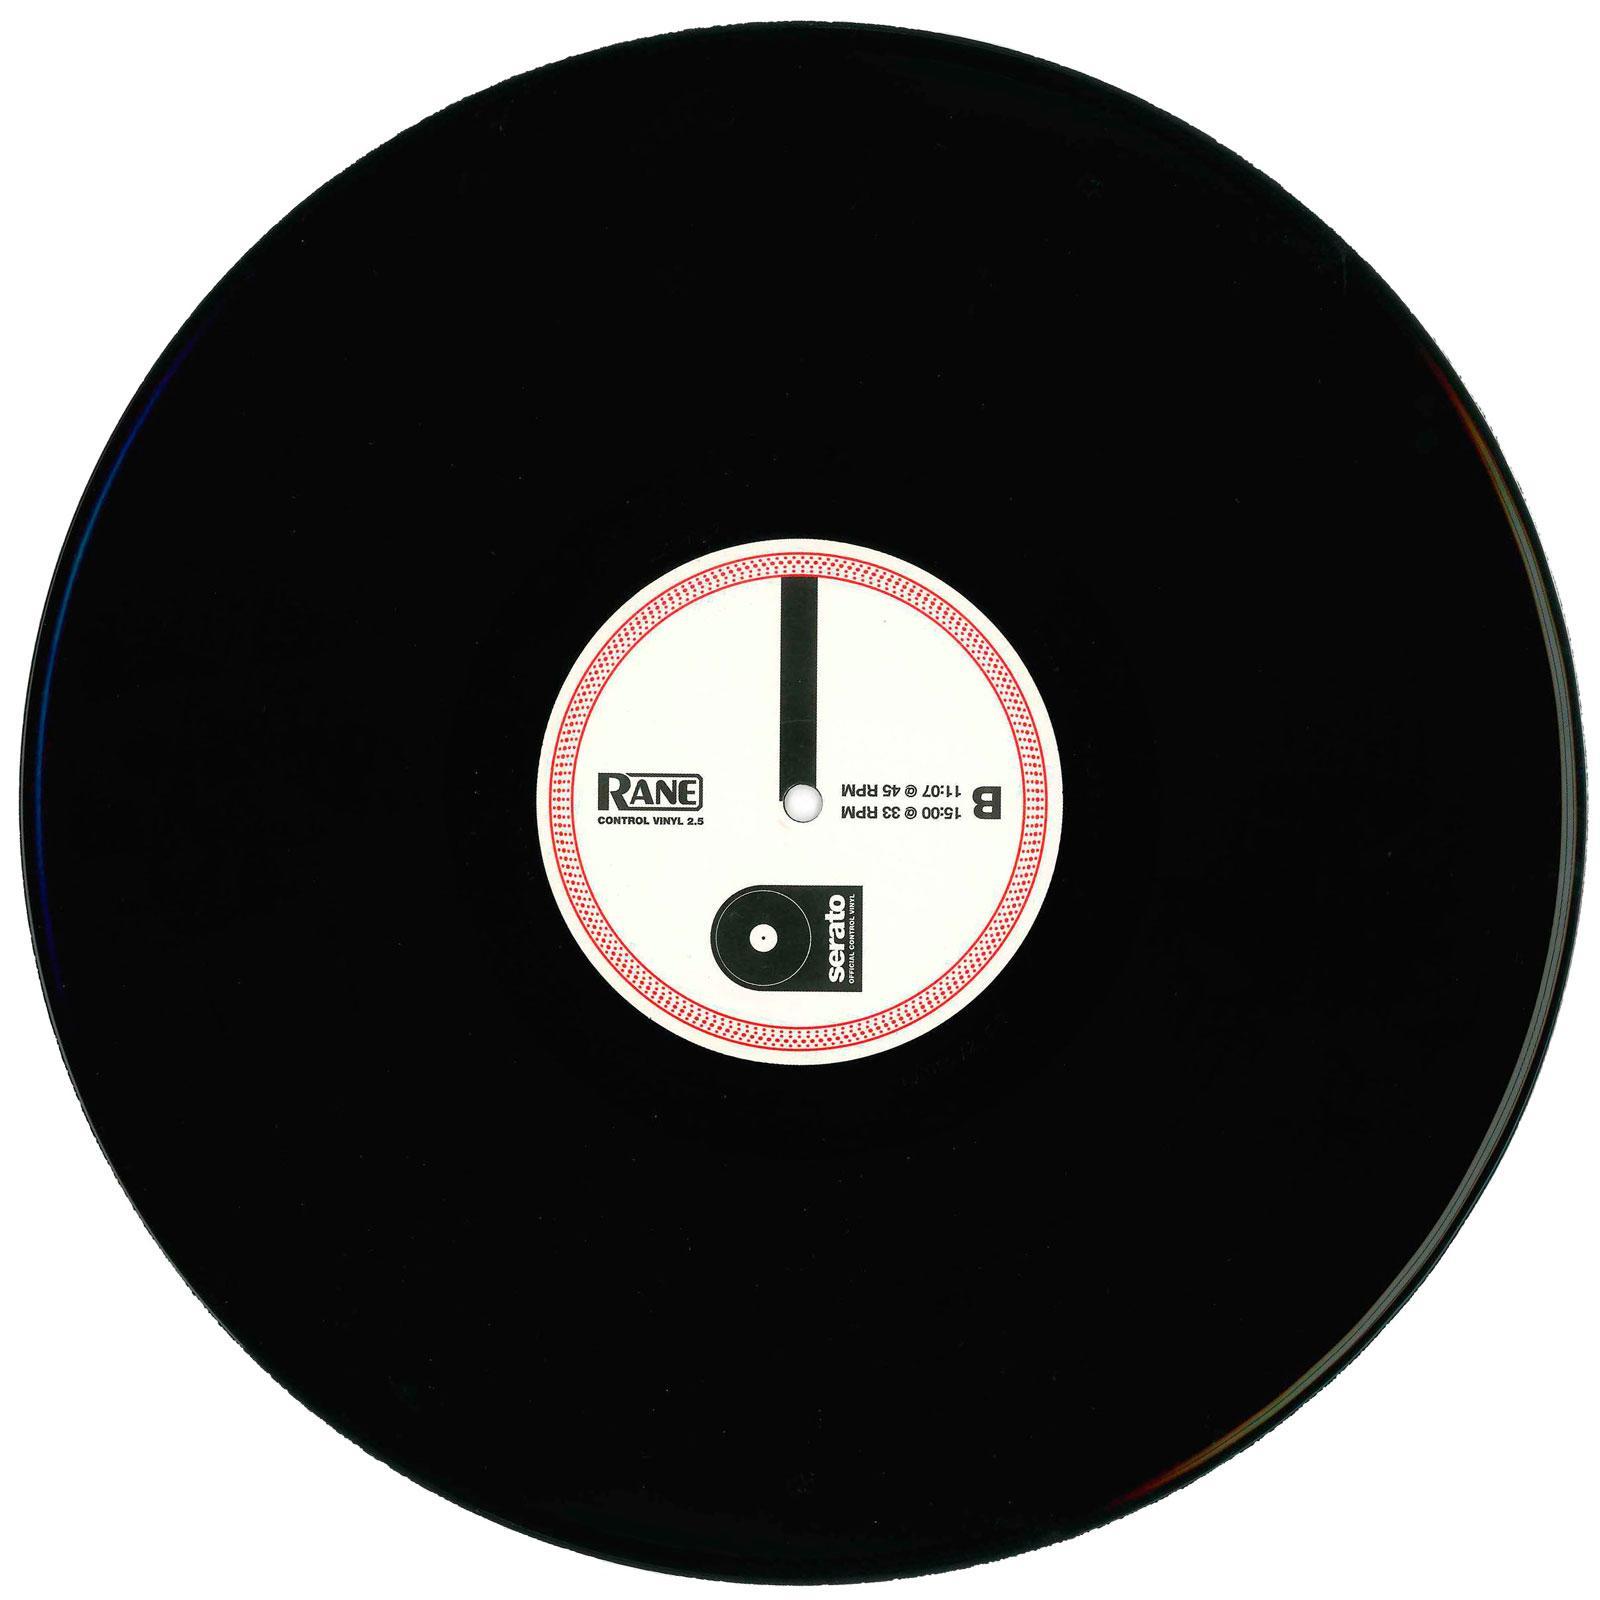 Rane Serato Scratch Live Control Vinyl Record V2 5 Black